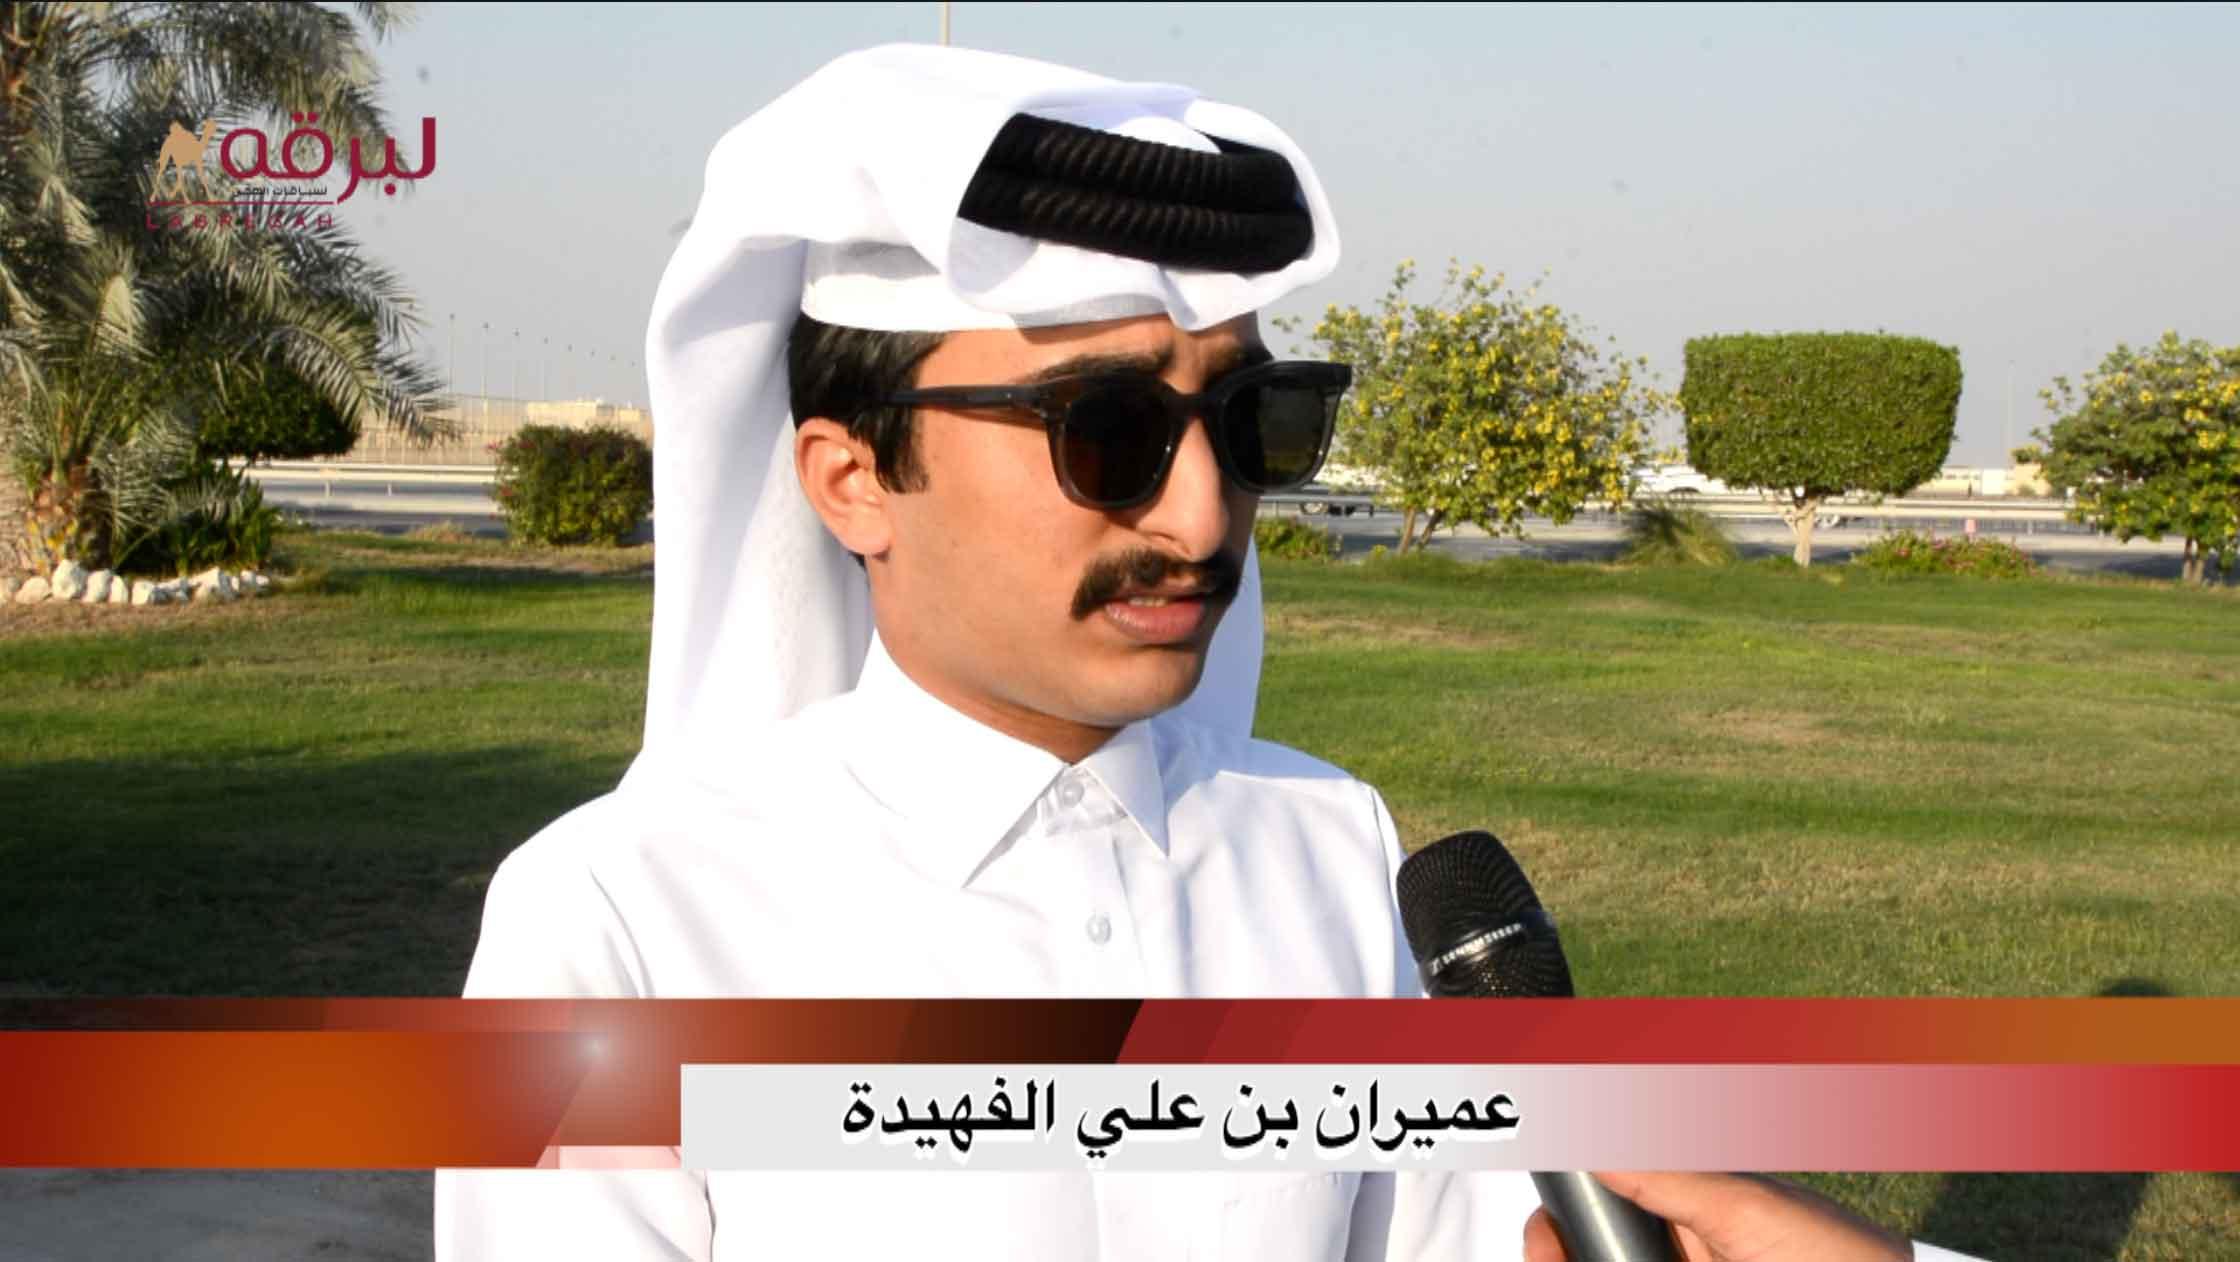 لقاء مع عميران بن علي الفهيدة.. الشوط الرئيسي للحقايق قعدان مفتوح الأشواط العامة  ٥-١١-٢٠٢٠